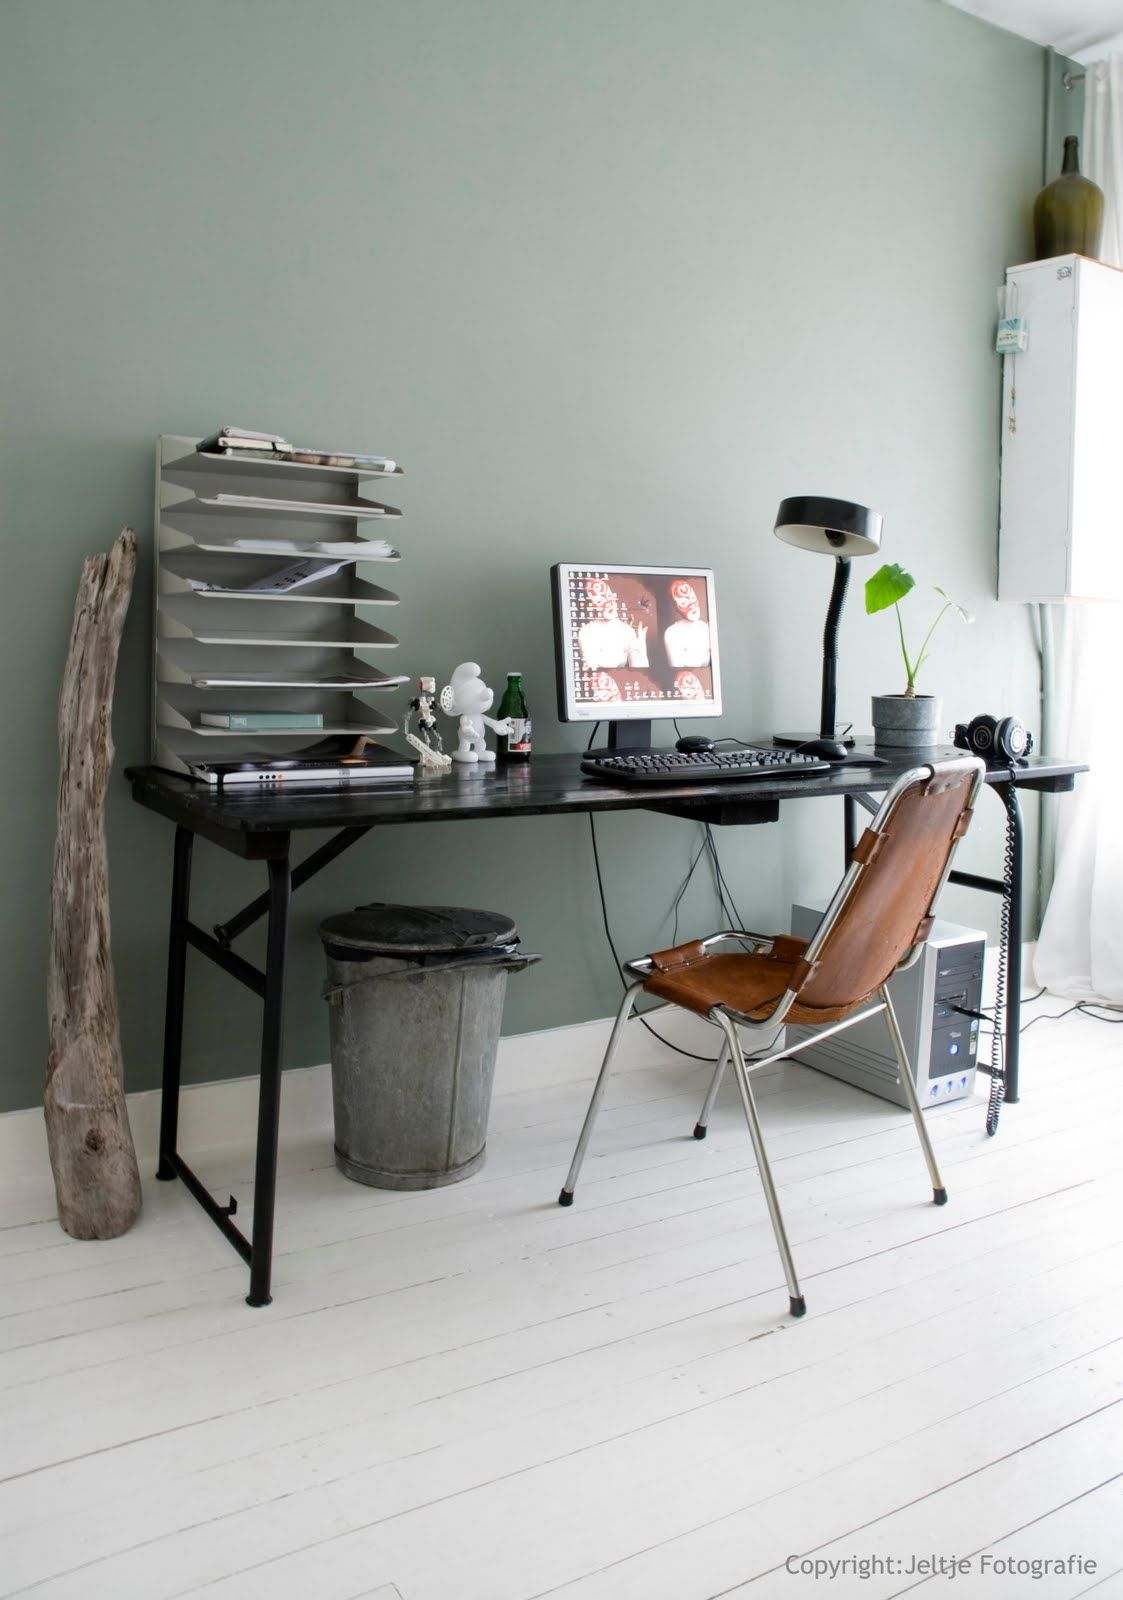 Mijn favoriete woonkamer: werkplek #leenbakker | My Office ...